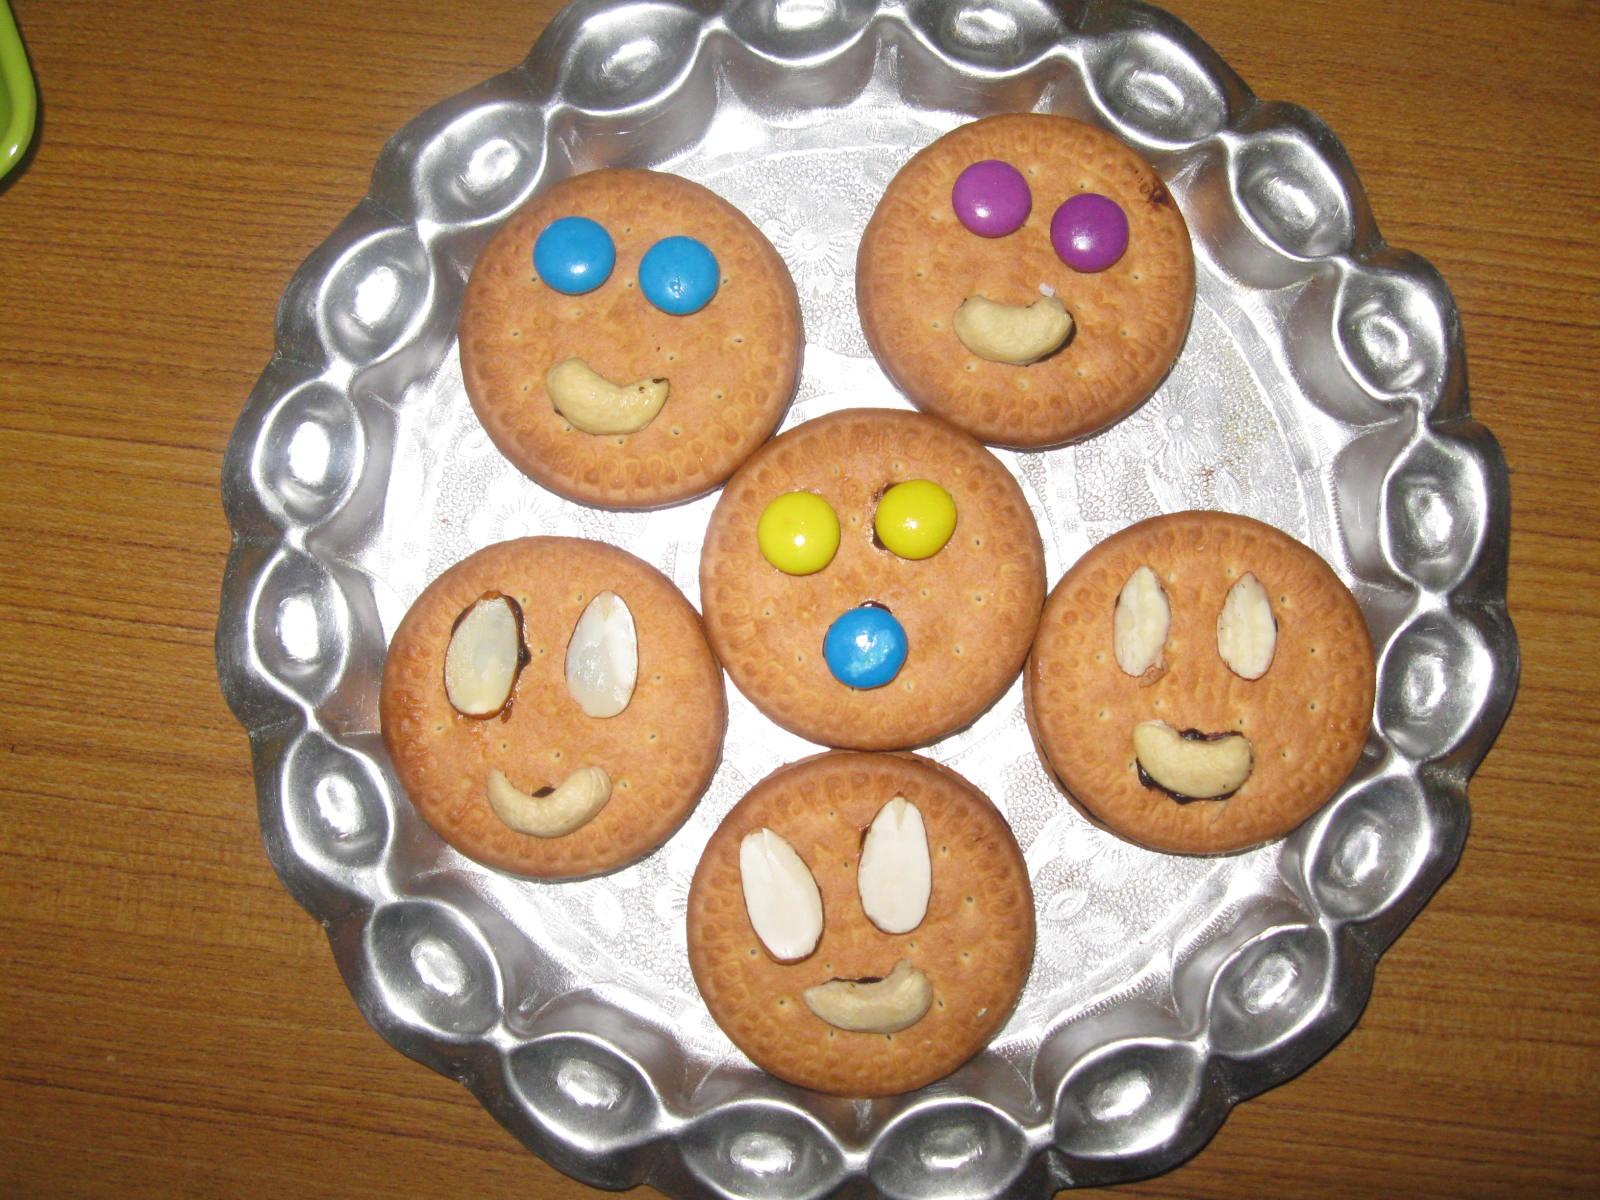 Marie Biscuit Delight/Biscuit Smiley & Indian Vegetarian Recipes: Marie Biscuit Delight/Biscuit Smiley